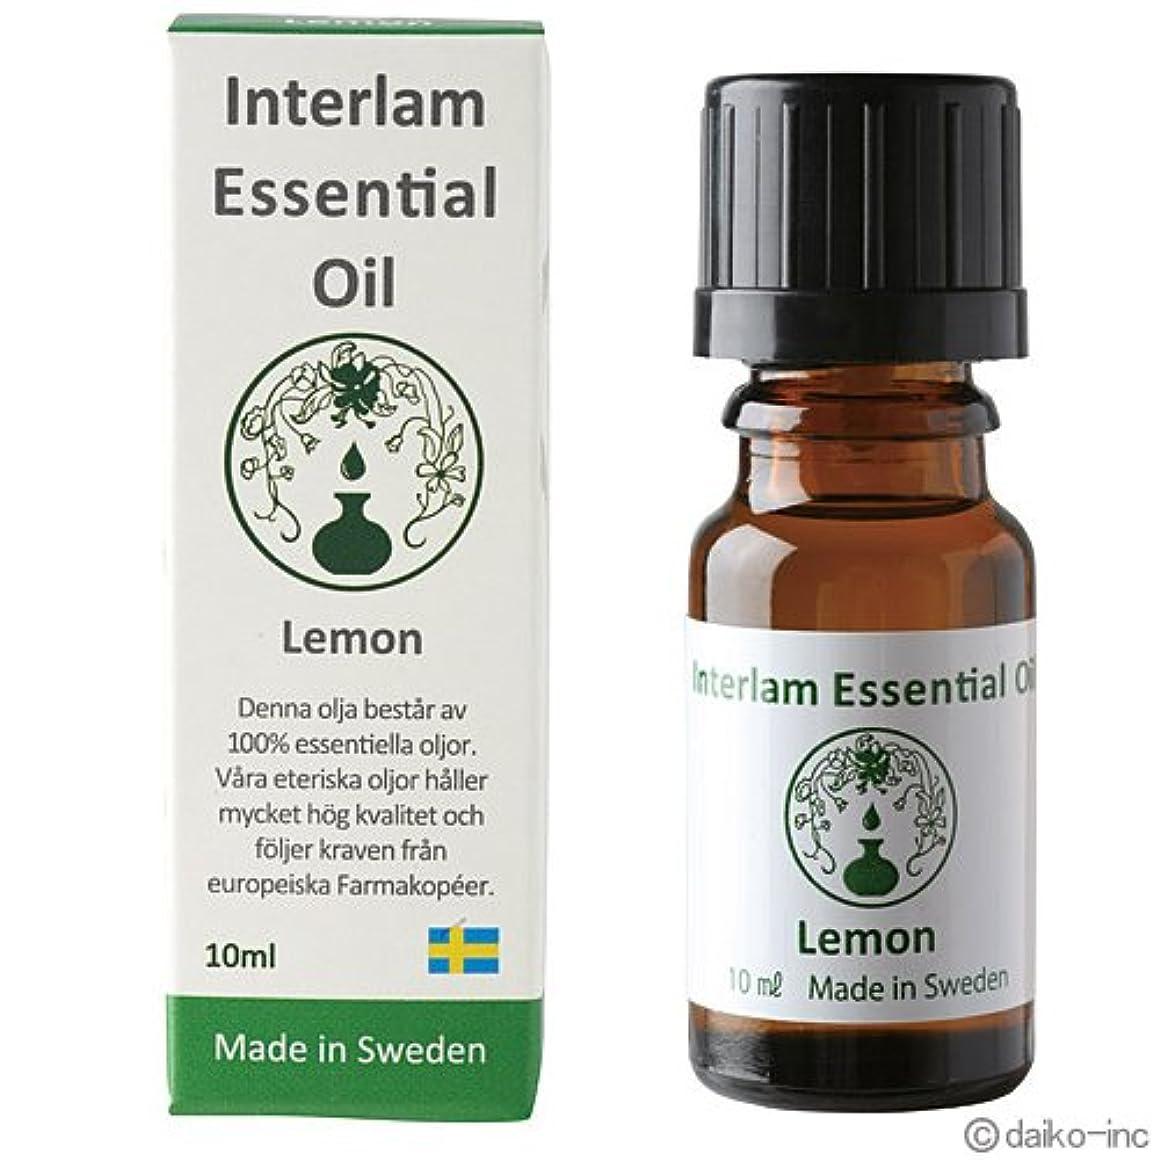 ディーラー割り当て方法Interlam Essential Oil レモン 10ml